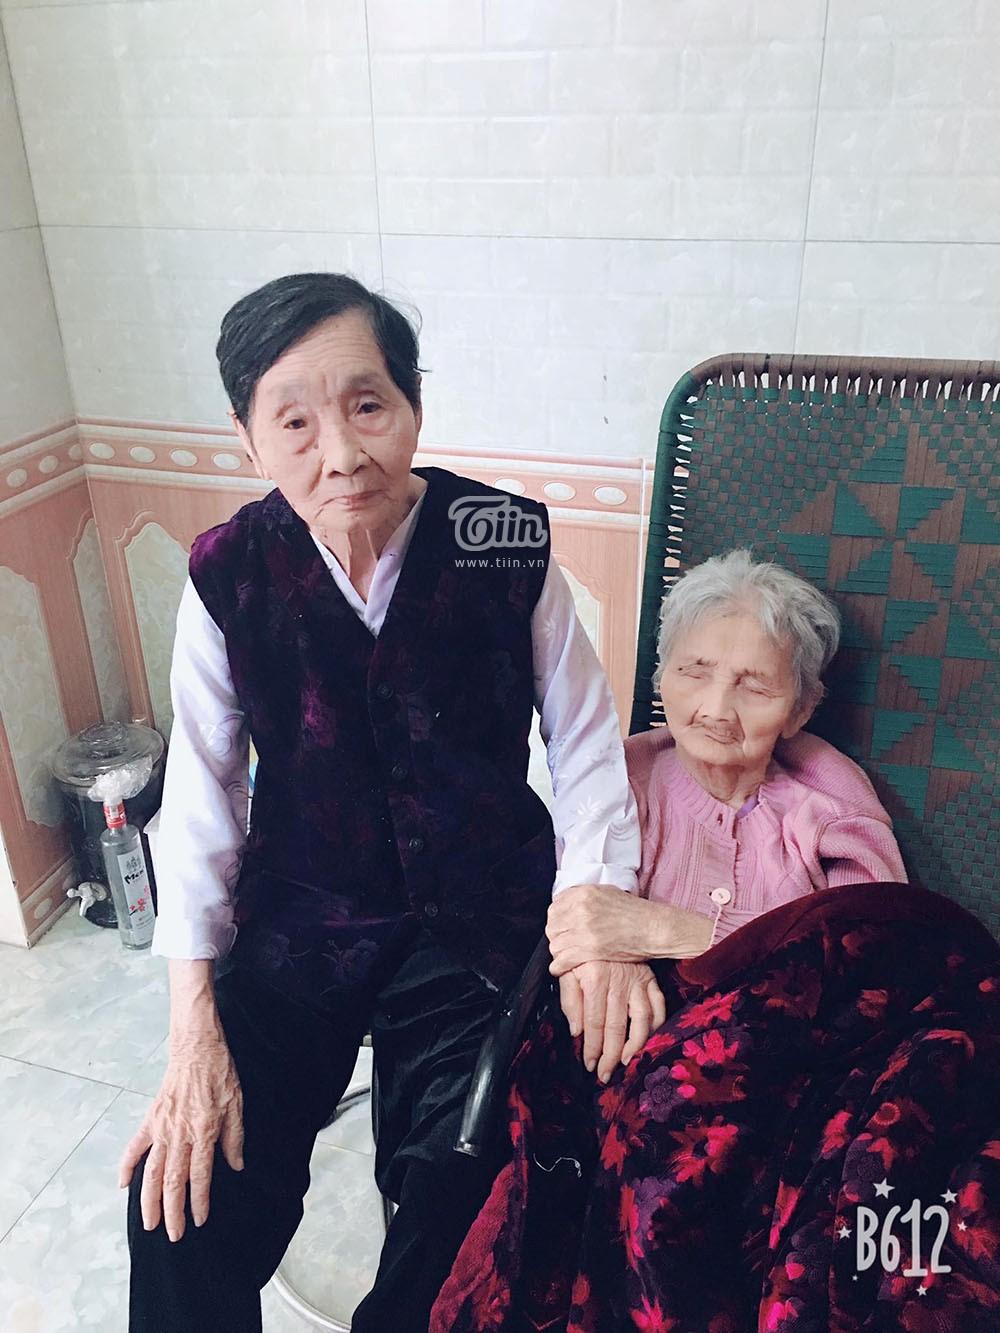 Cụ bà 100 tuổi bật khóc, nắm chặt tay chị gái 103 tuổi ốm nặng: 'Em thương chị quá, để em hát chị nghe...' 0